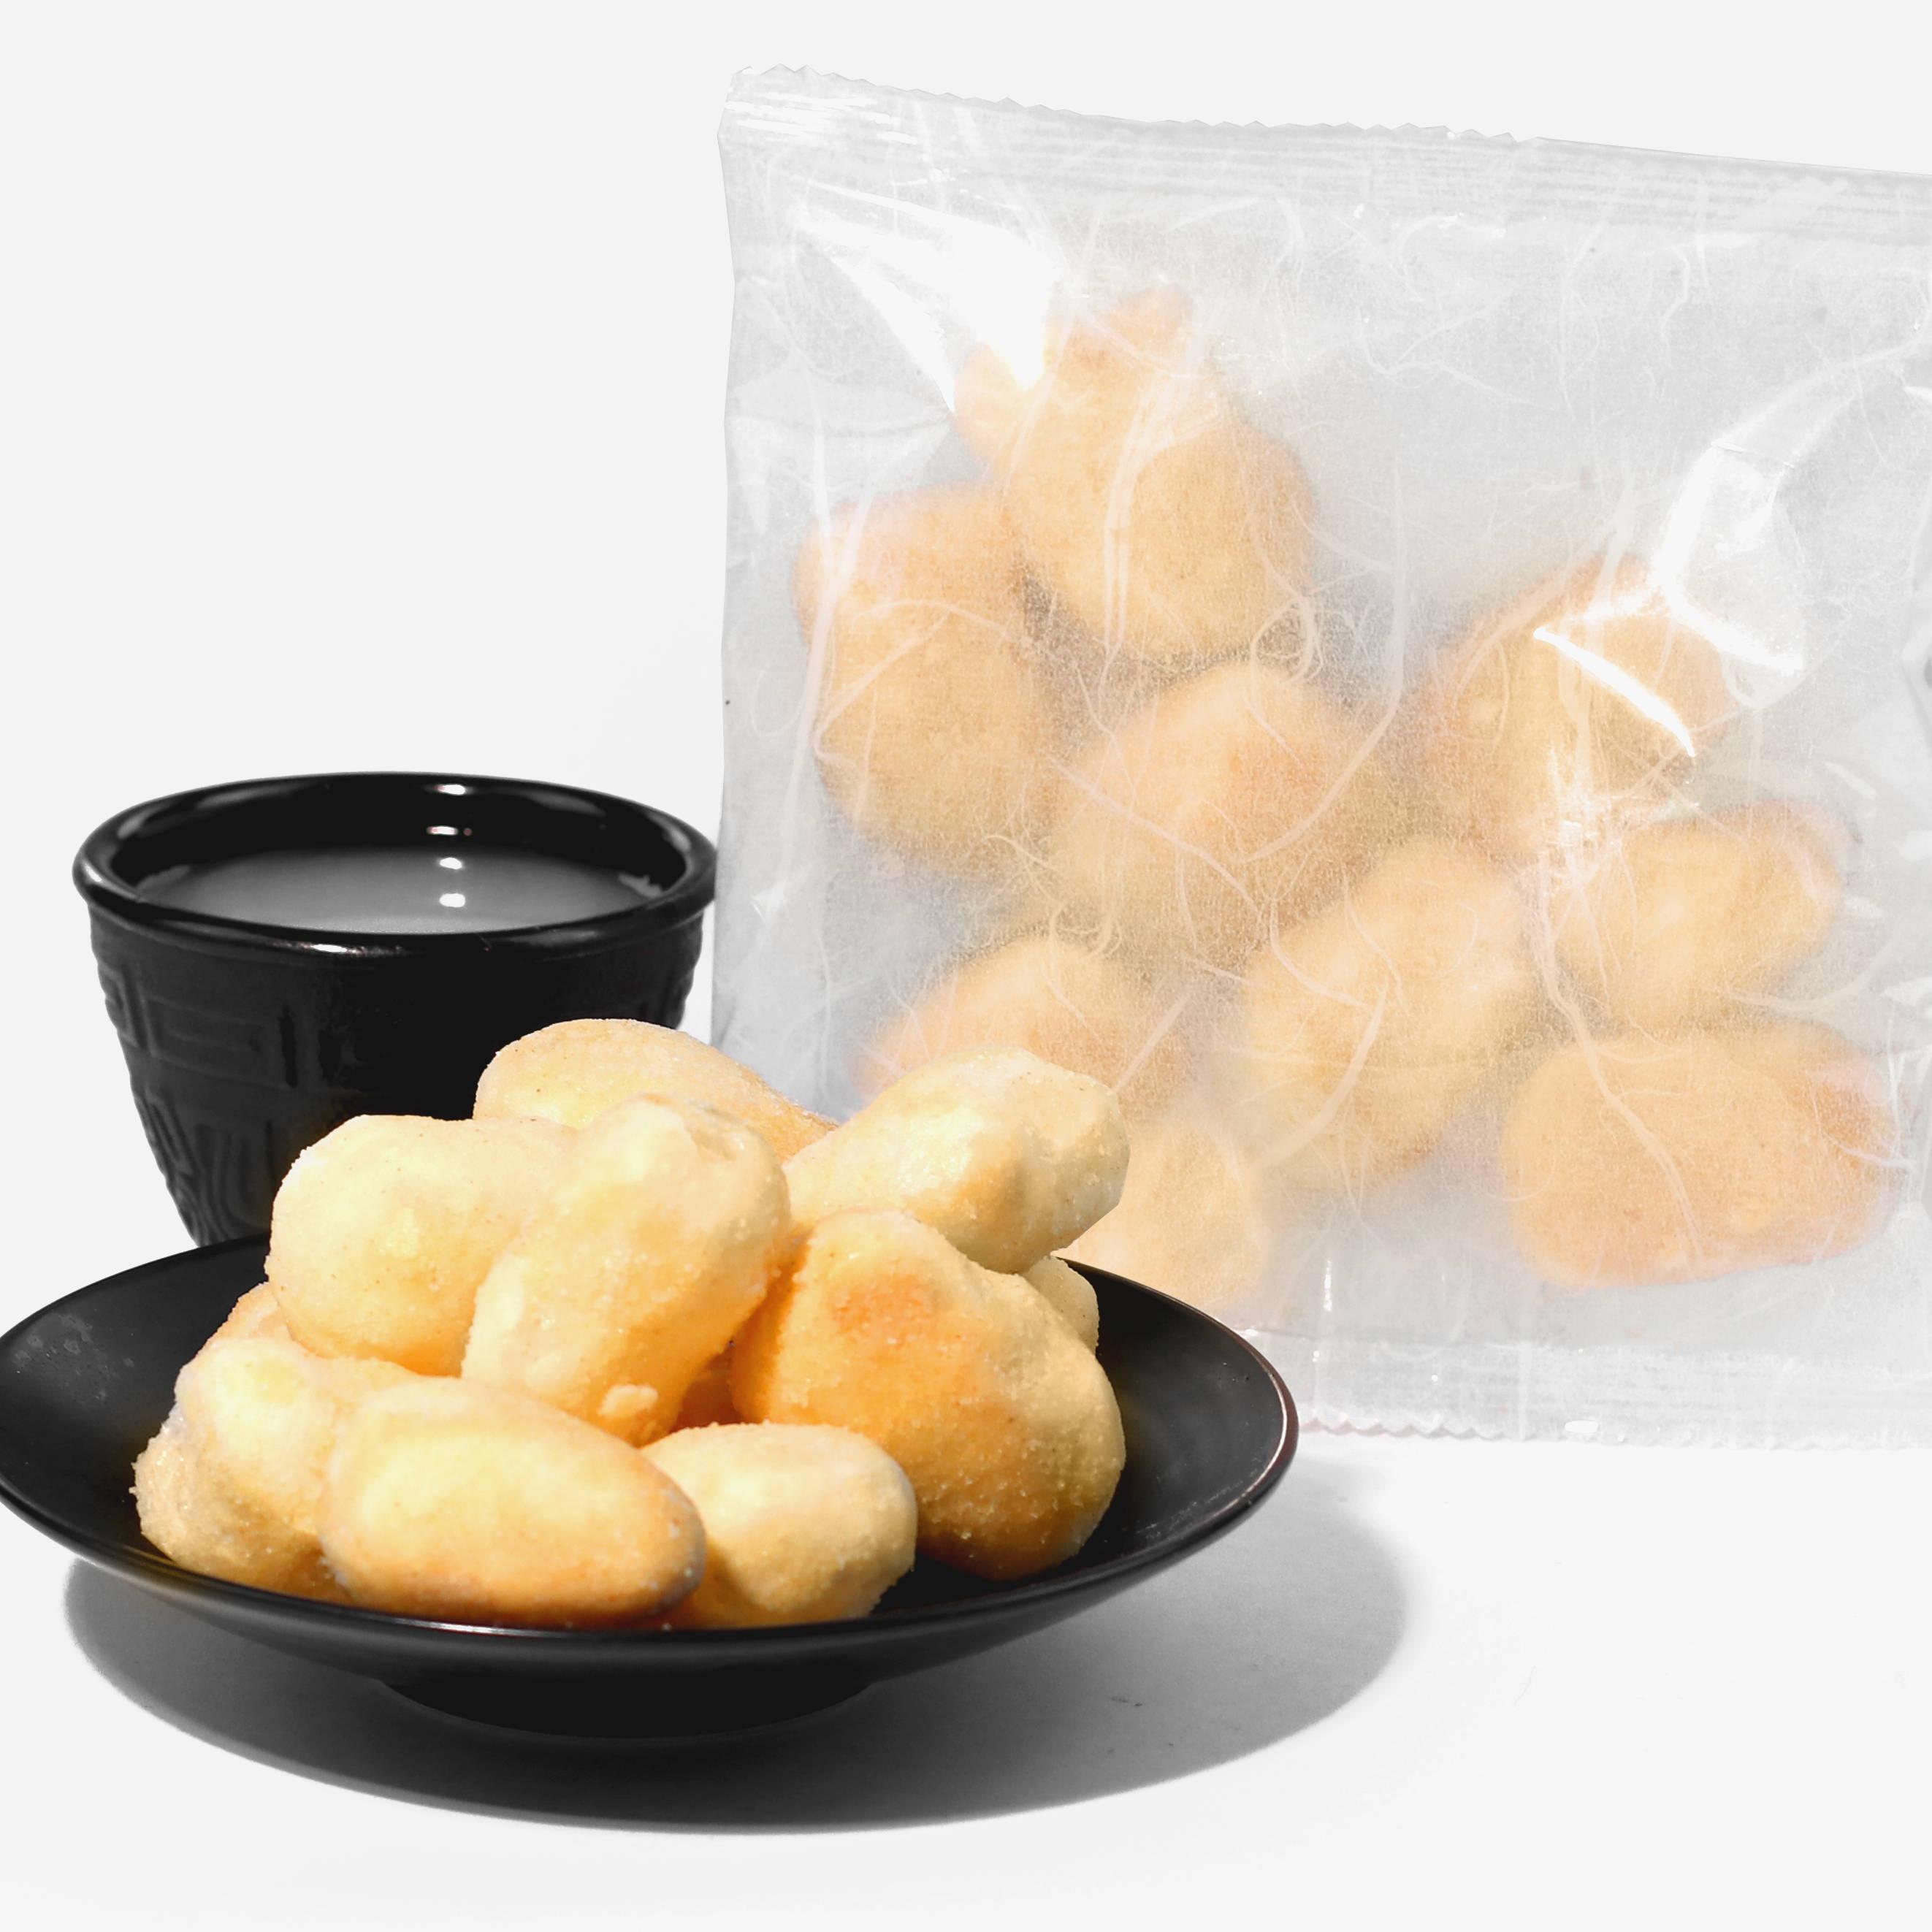 Funwari Meijin Mochi Puffs: Amazake